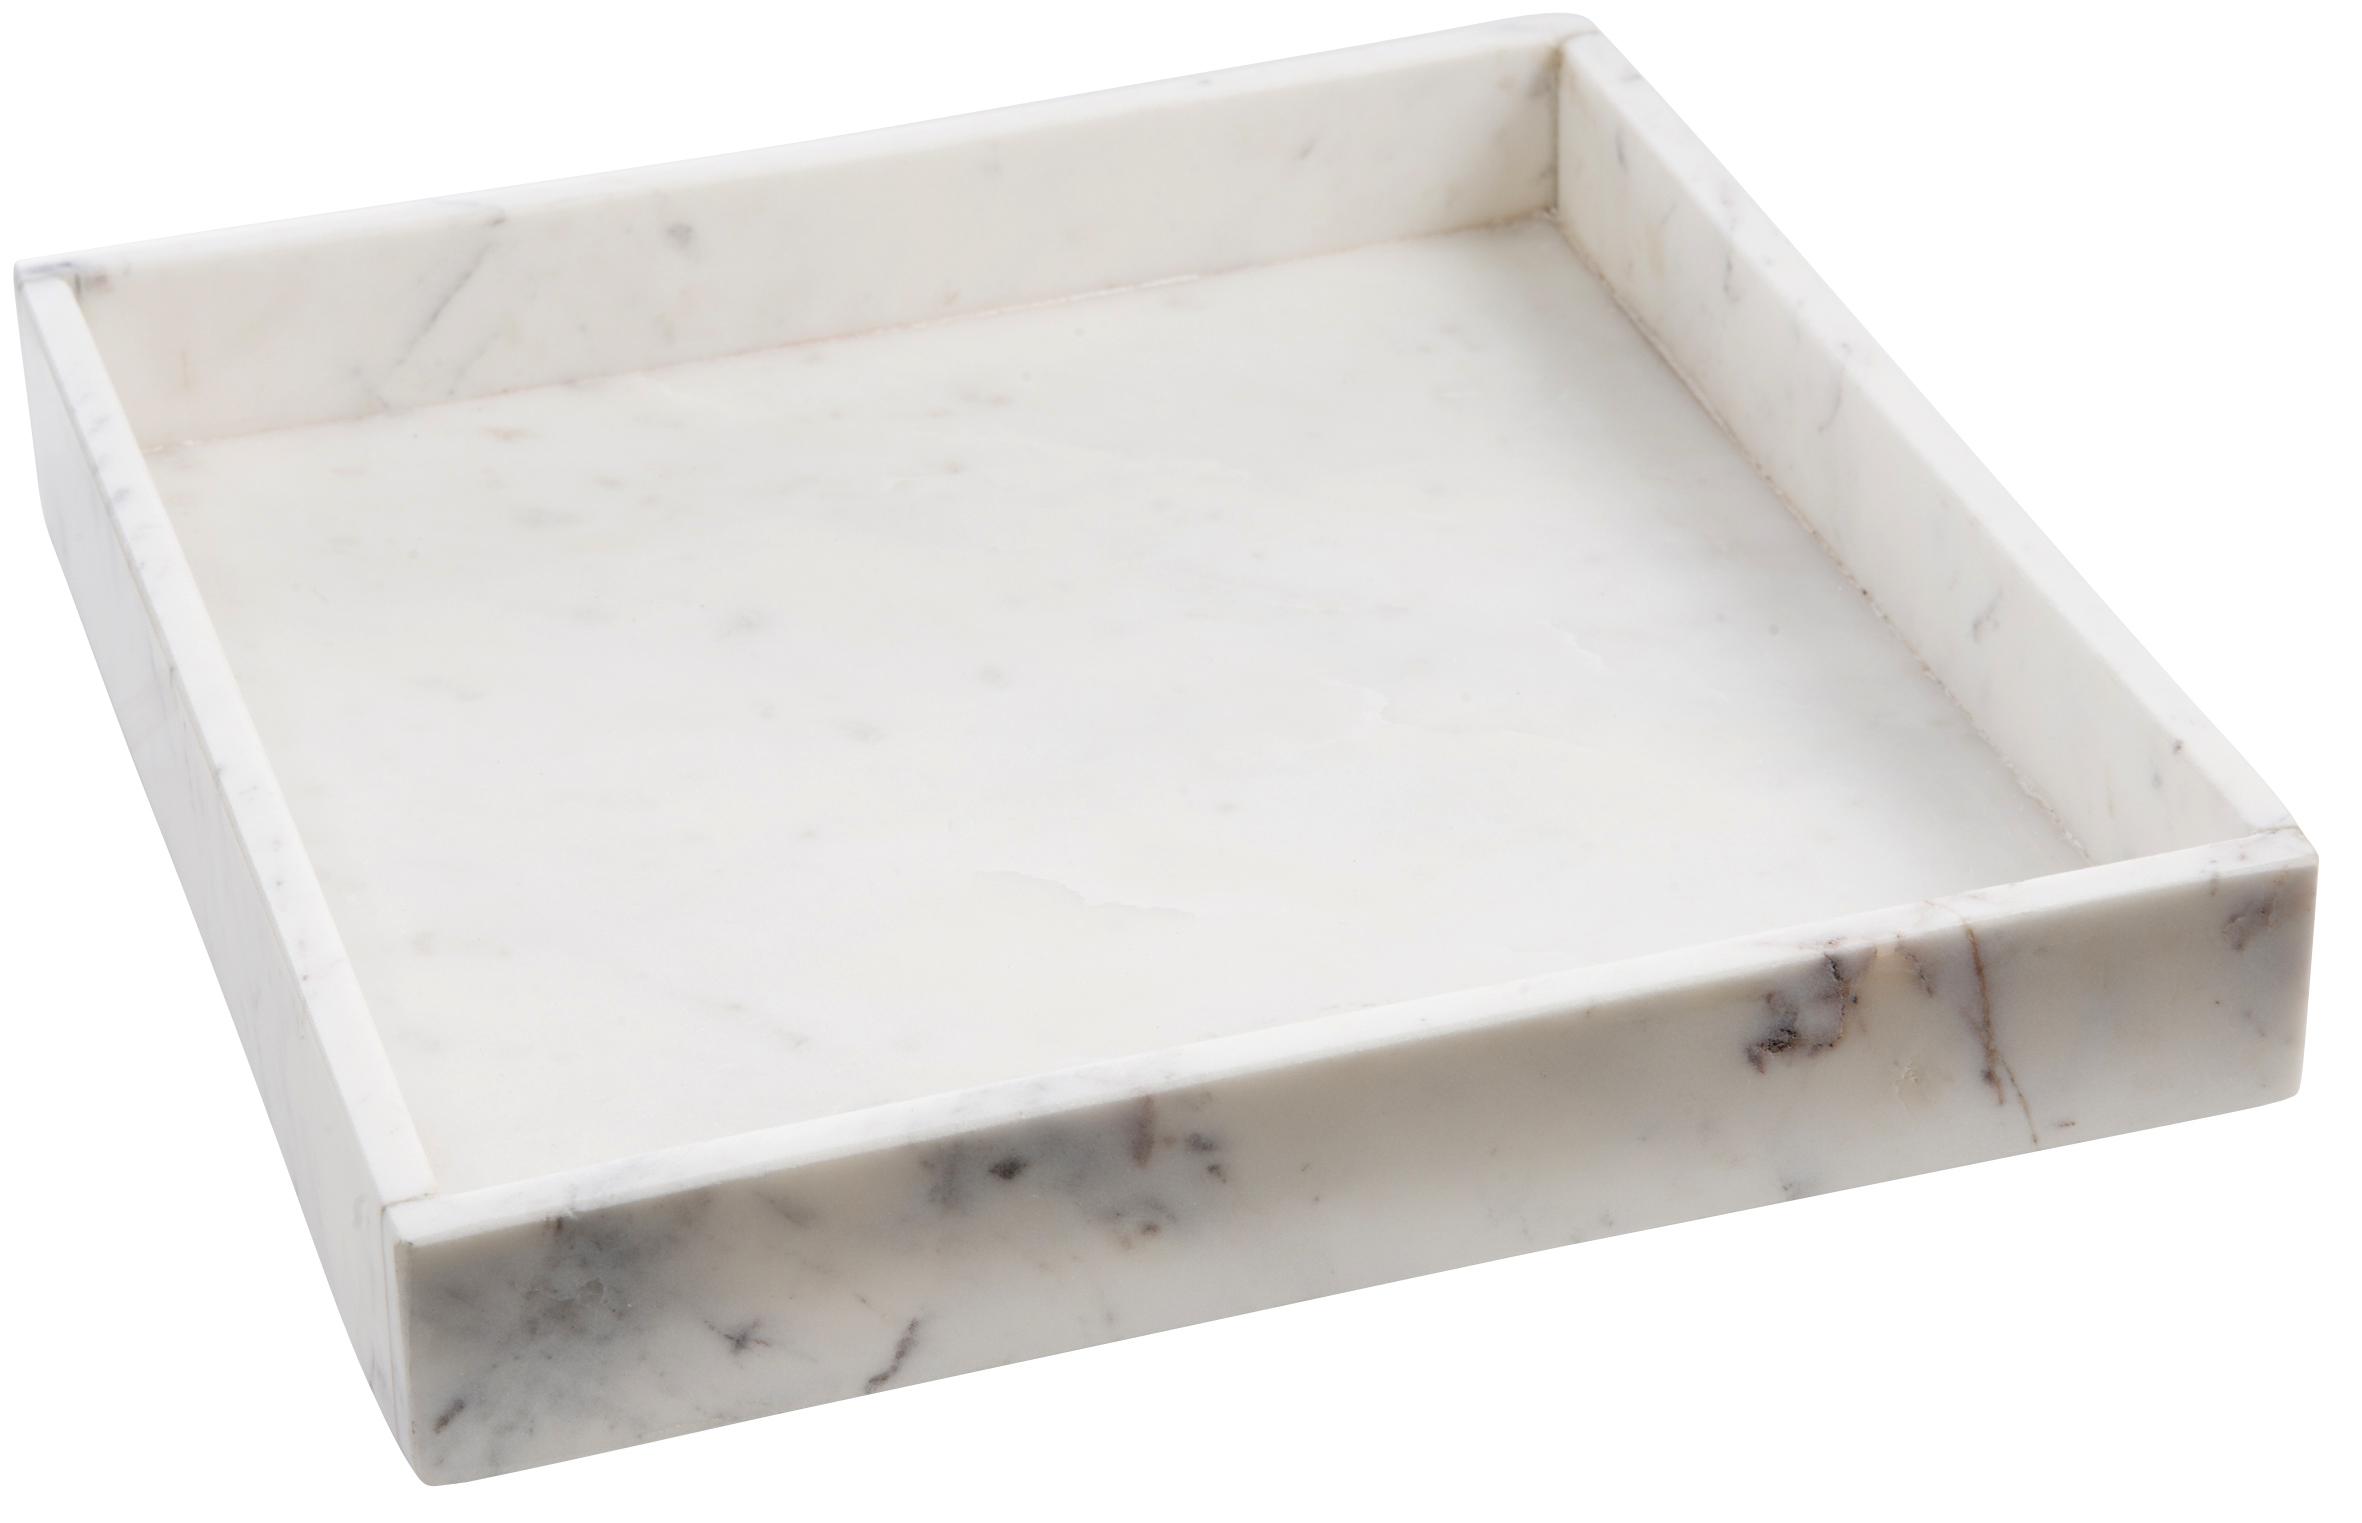 Tablett aus Marmor, weiss